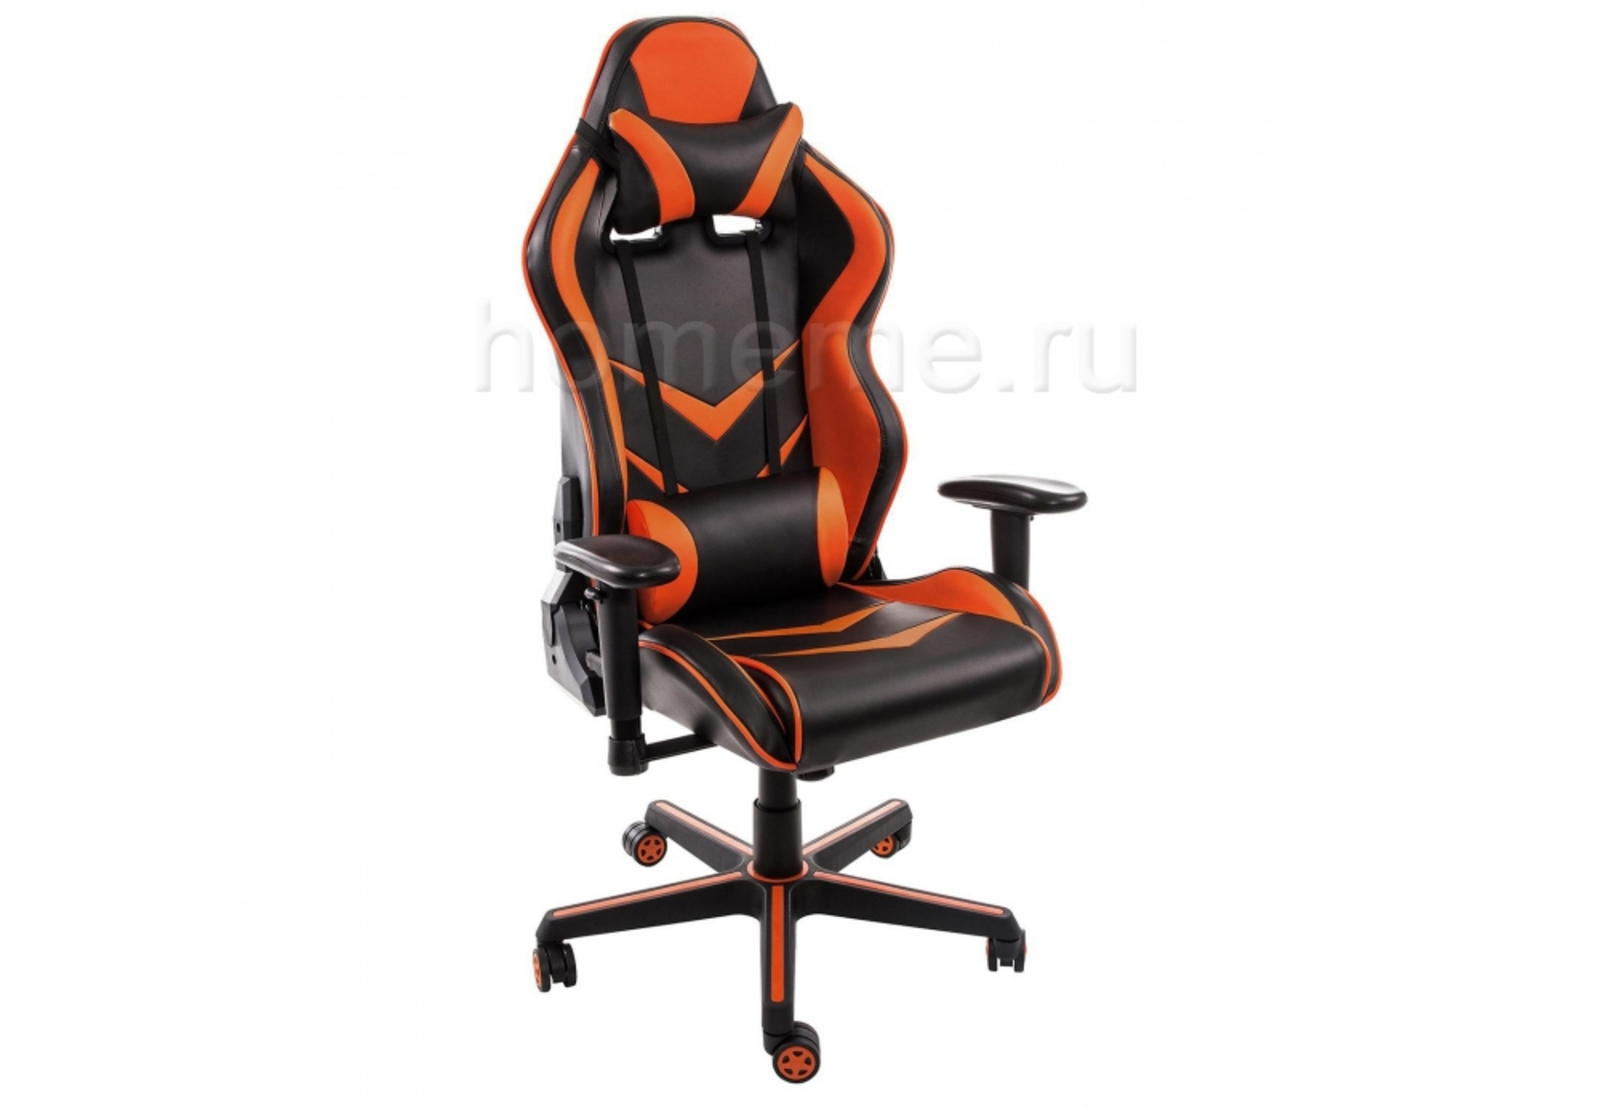 Кресло для офиса HomeMe Racer черное / оранжевое 1855 от Homeme.ru